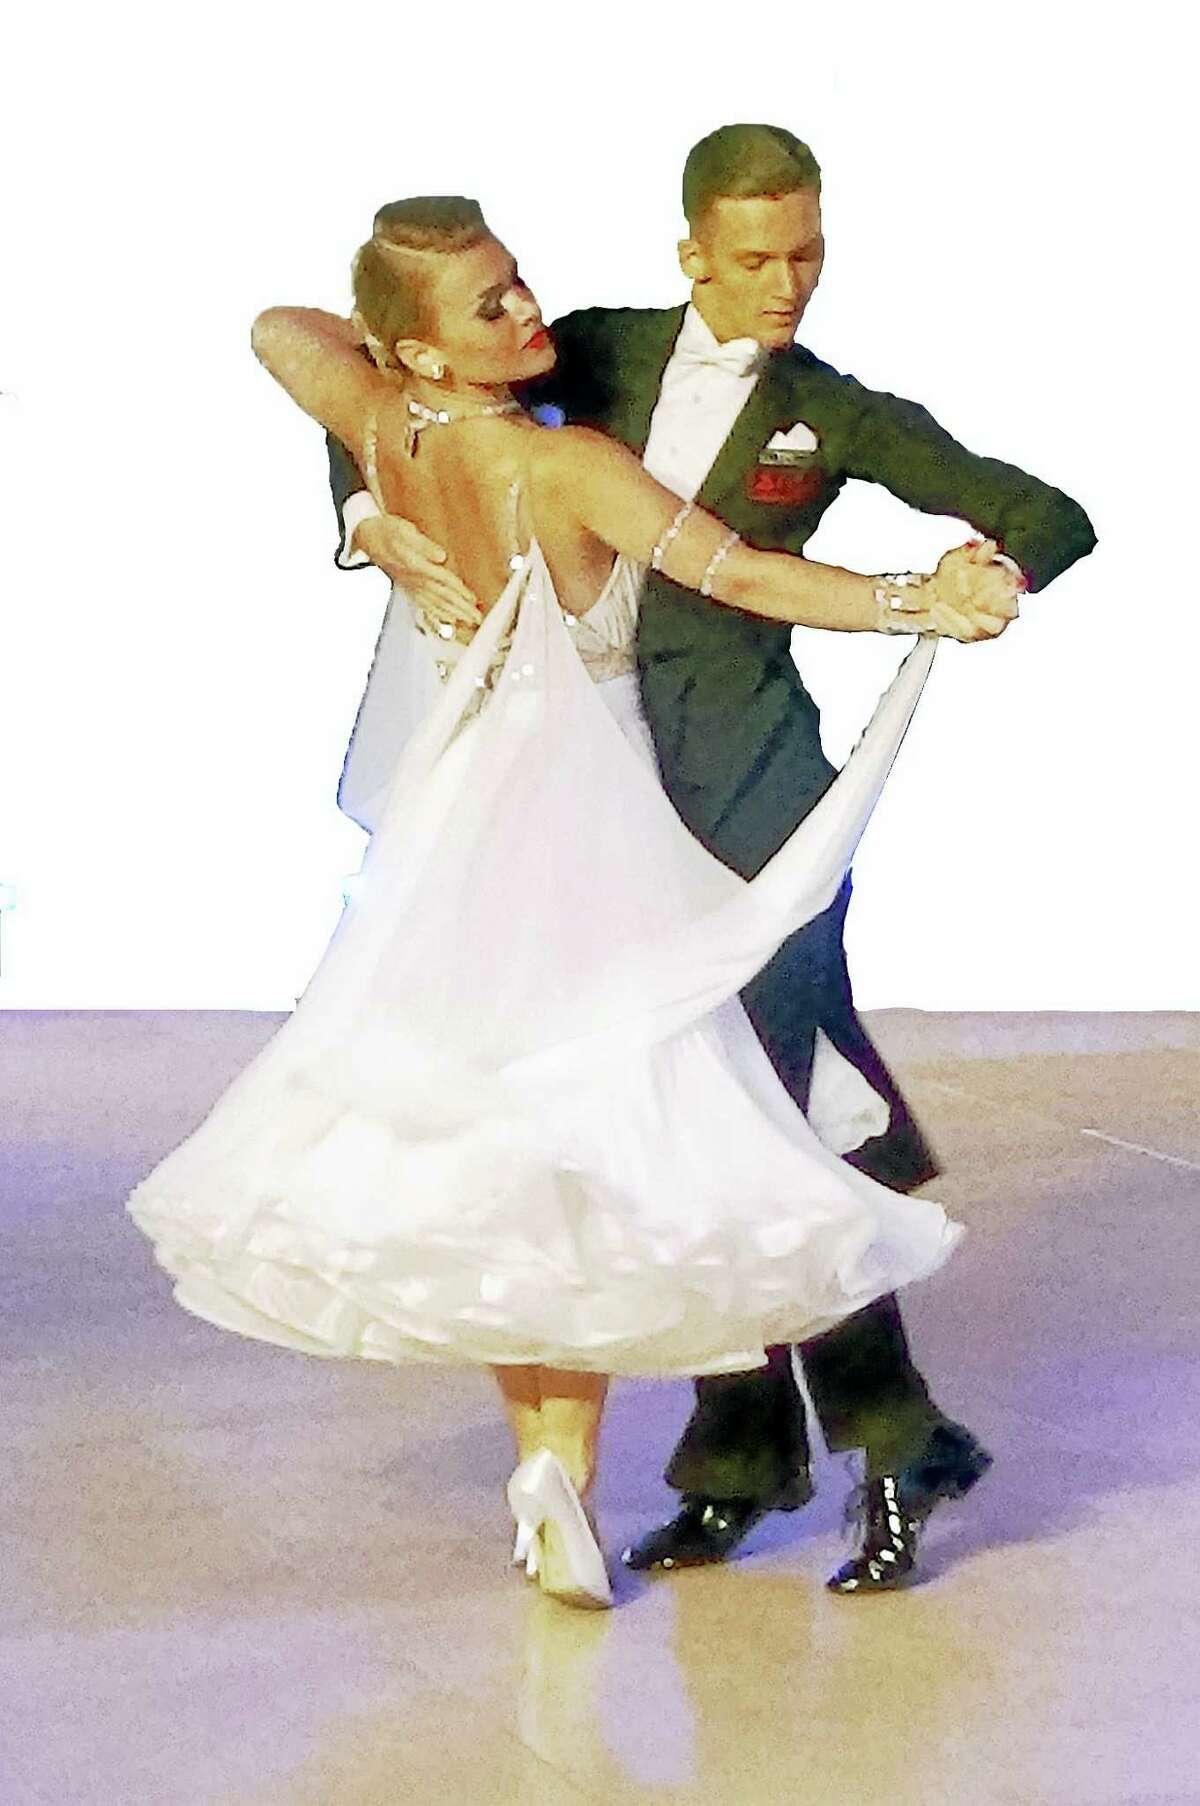 Anna Kaczmarski and Patryk Ploszak in action.